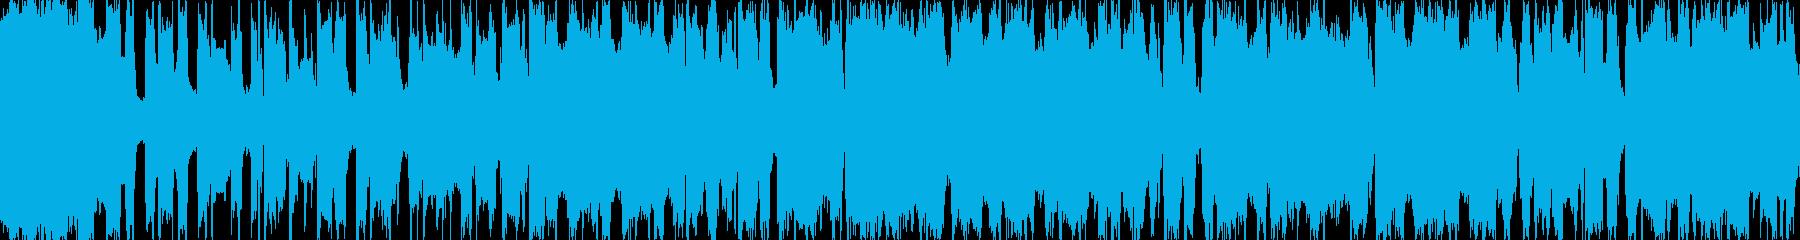 8bitピコピコ(サビ)の再生済みの波形